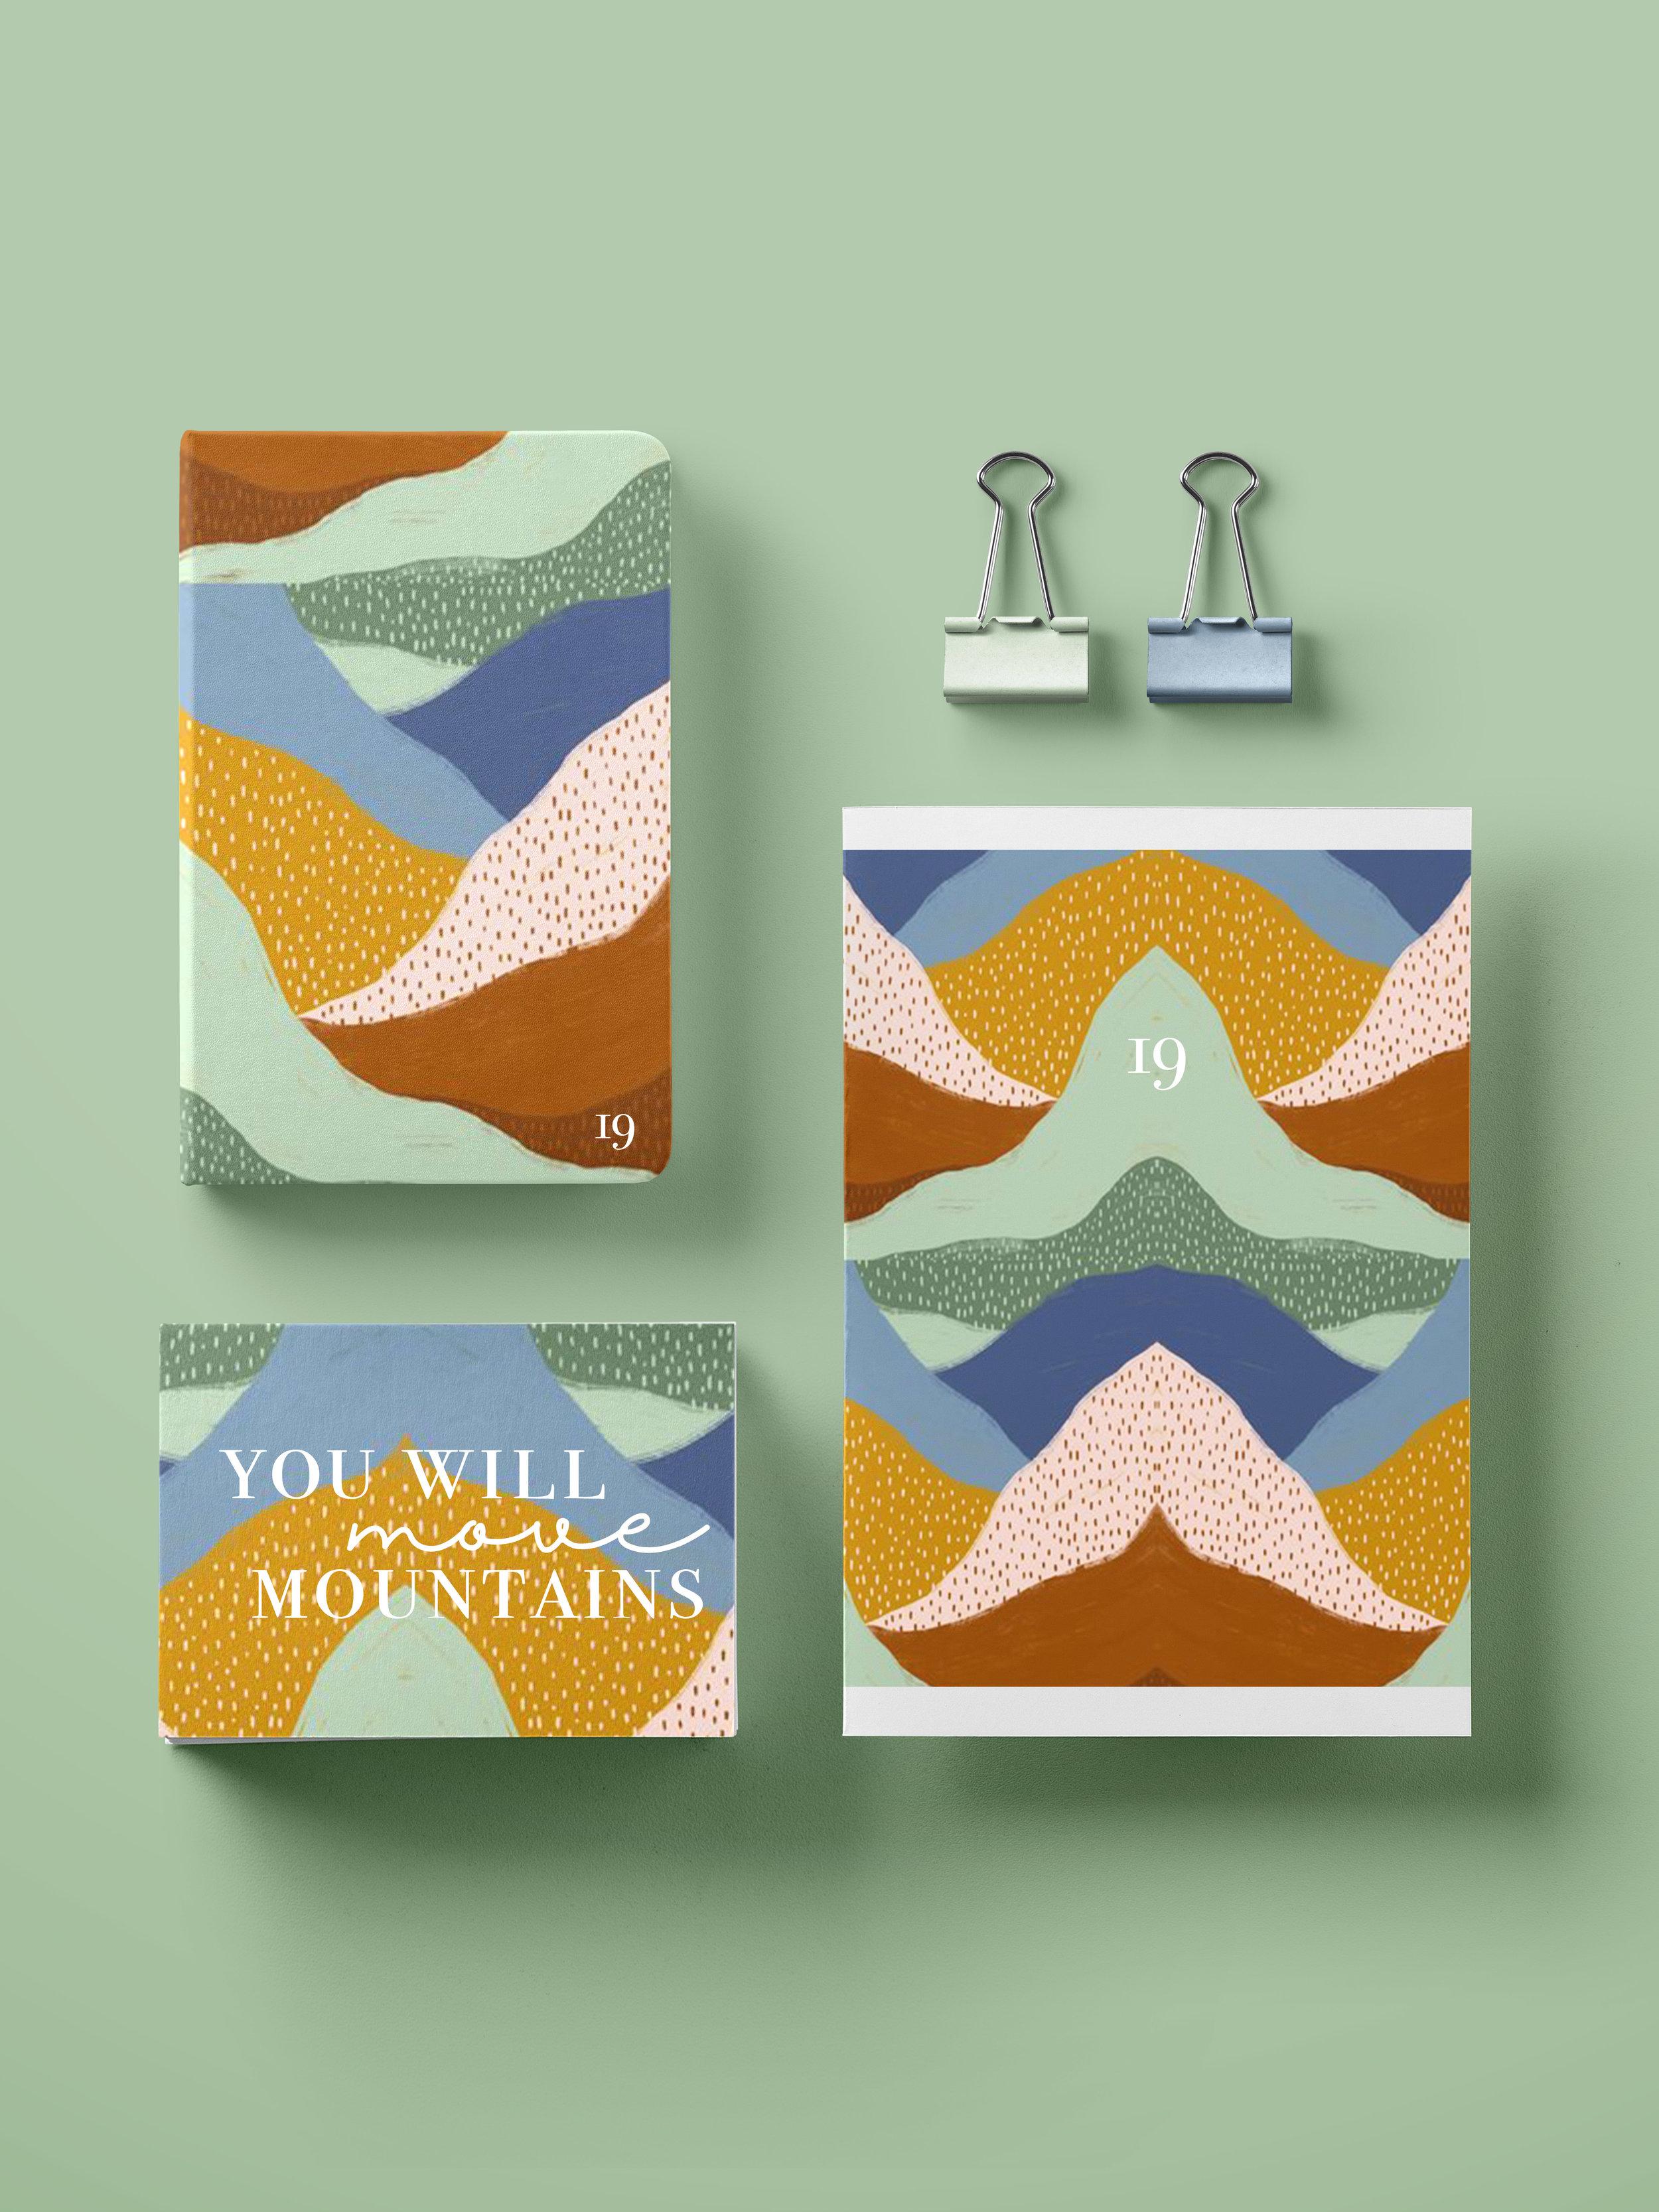 YOU CAN MOVE MOUNTAINS TEXTILE DESIGN